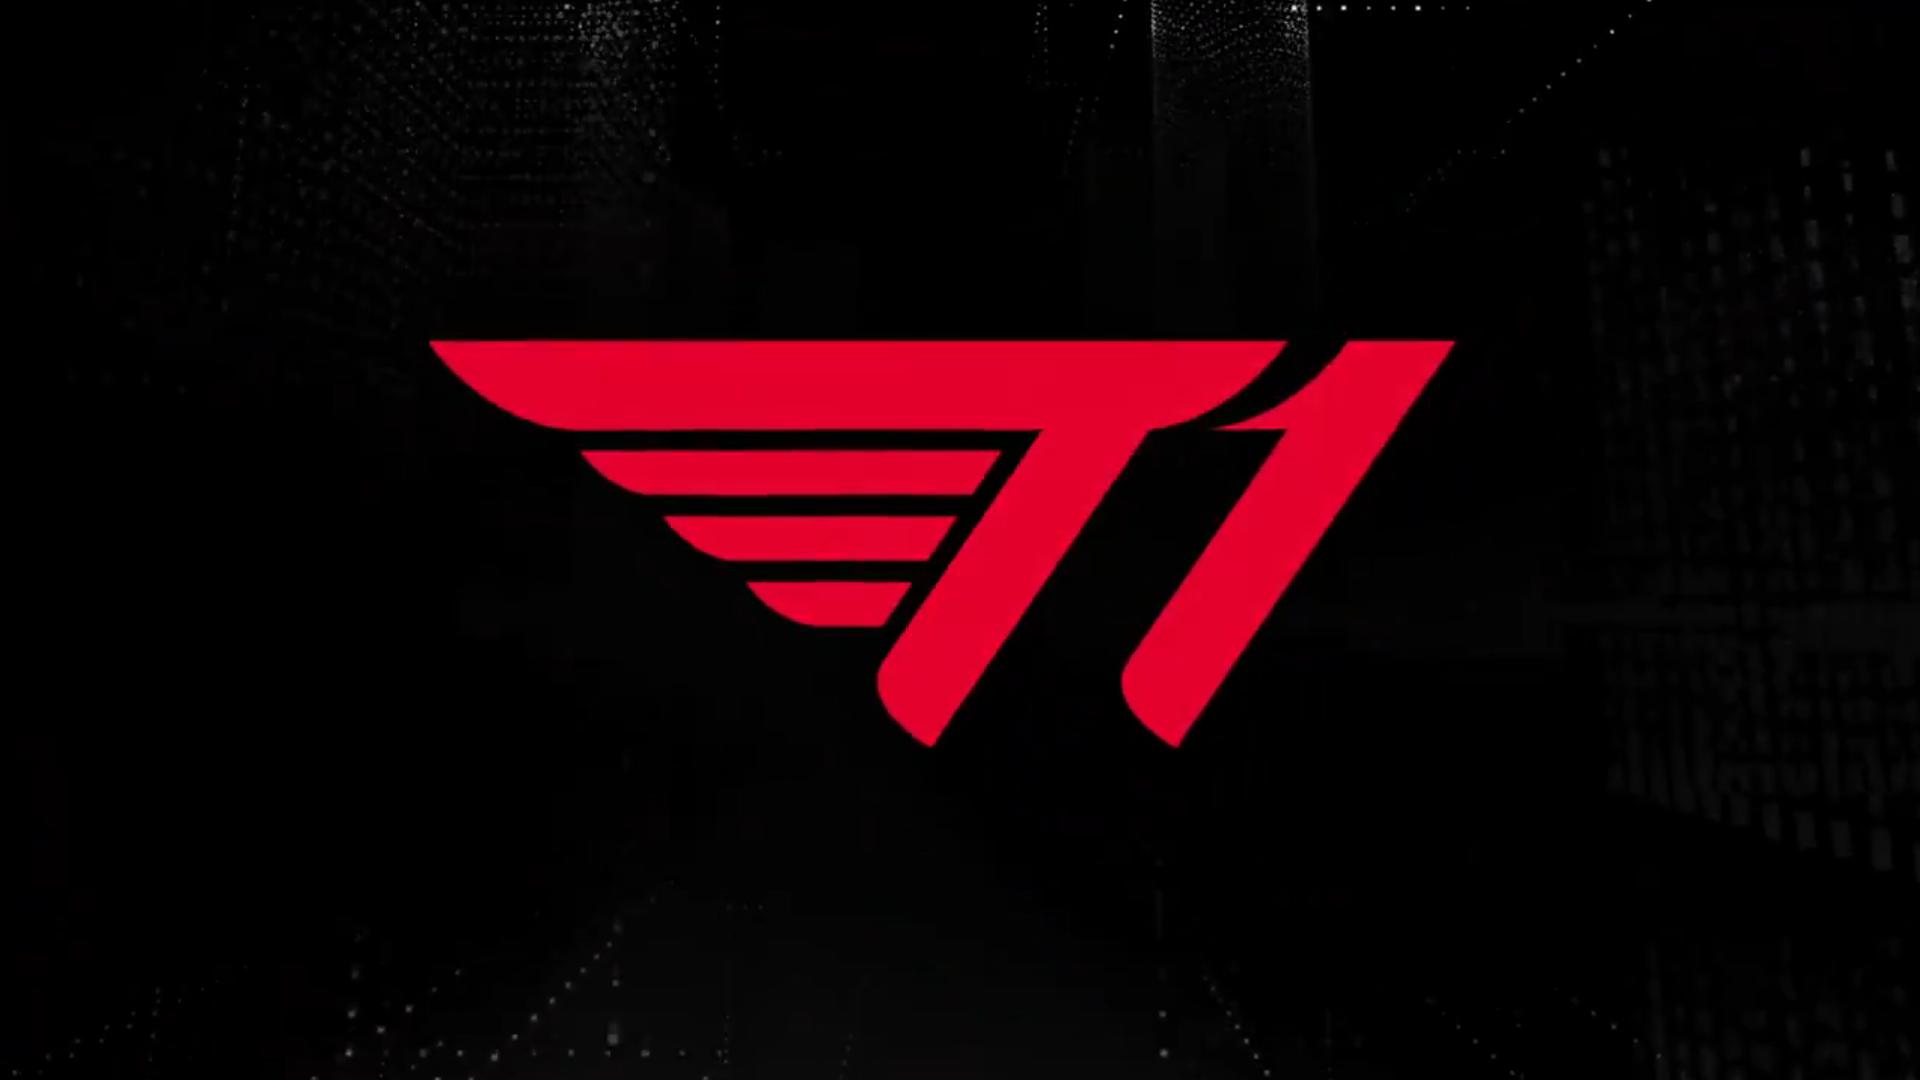 T1 despide al entrenador Comet y al analista Tolki | Dot Esports Español